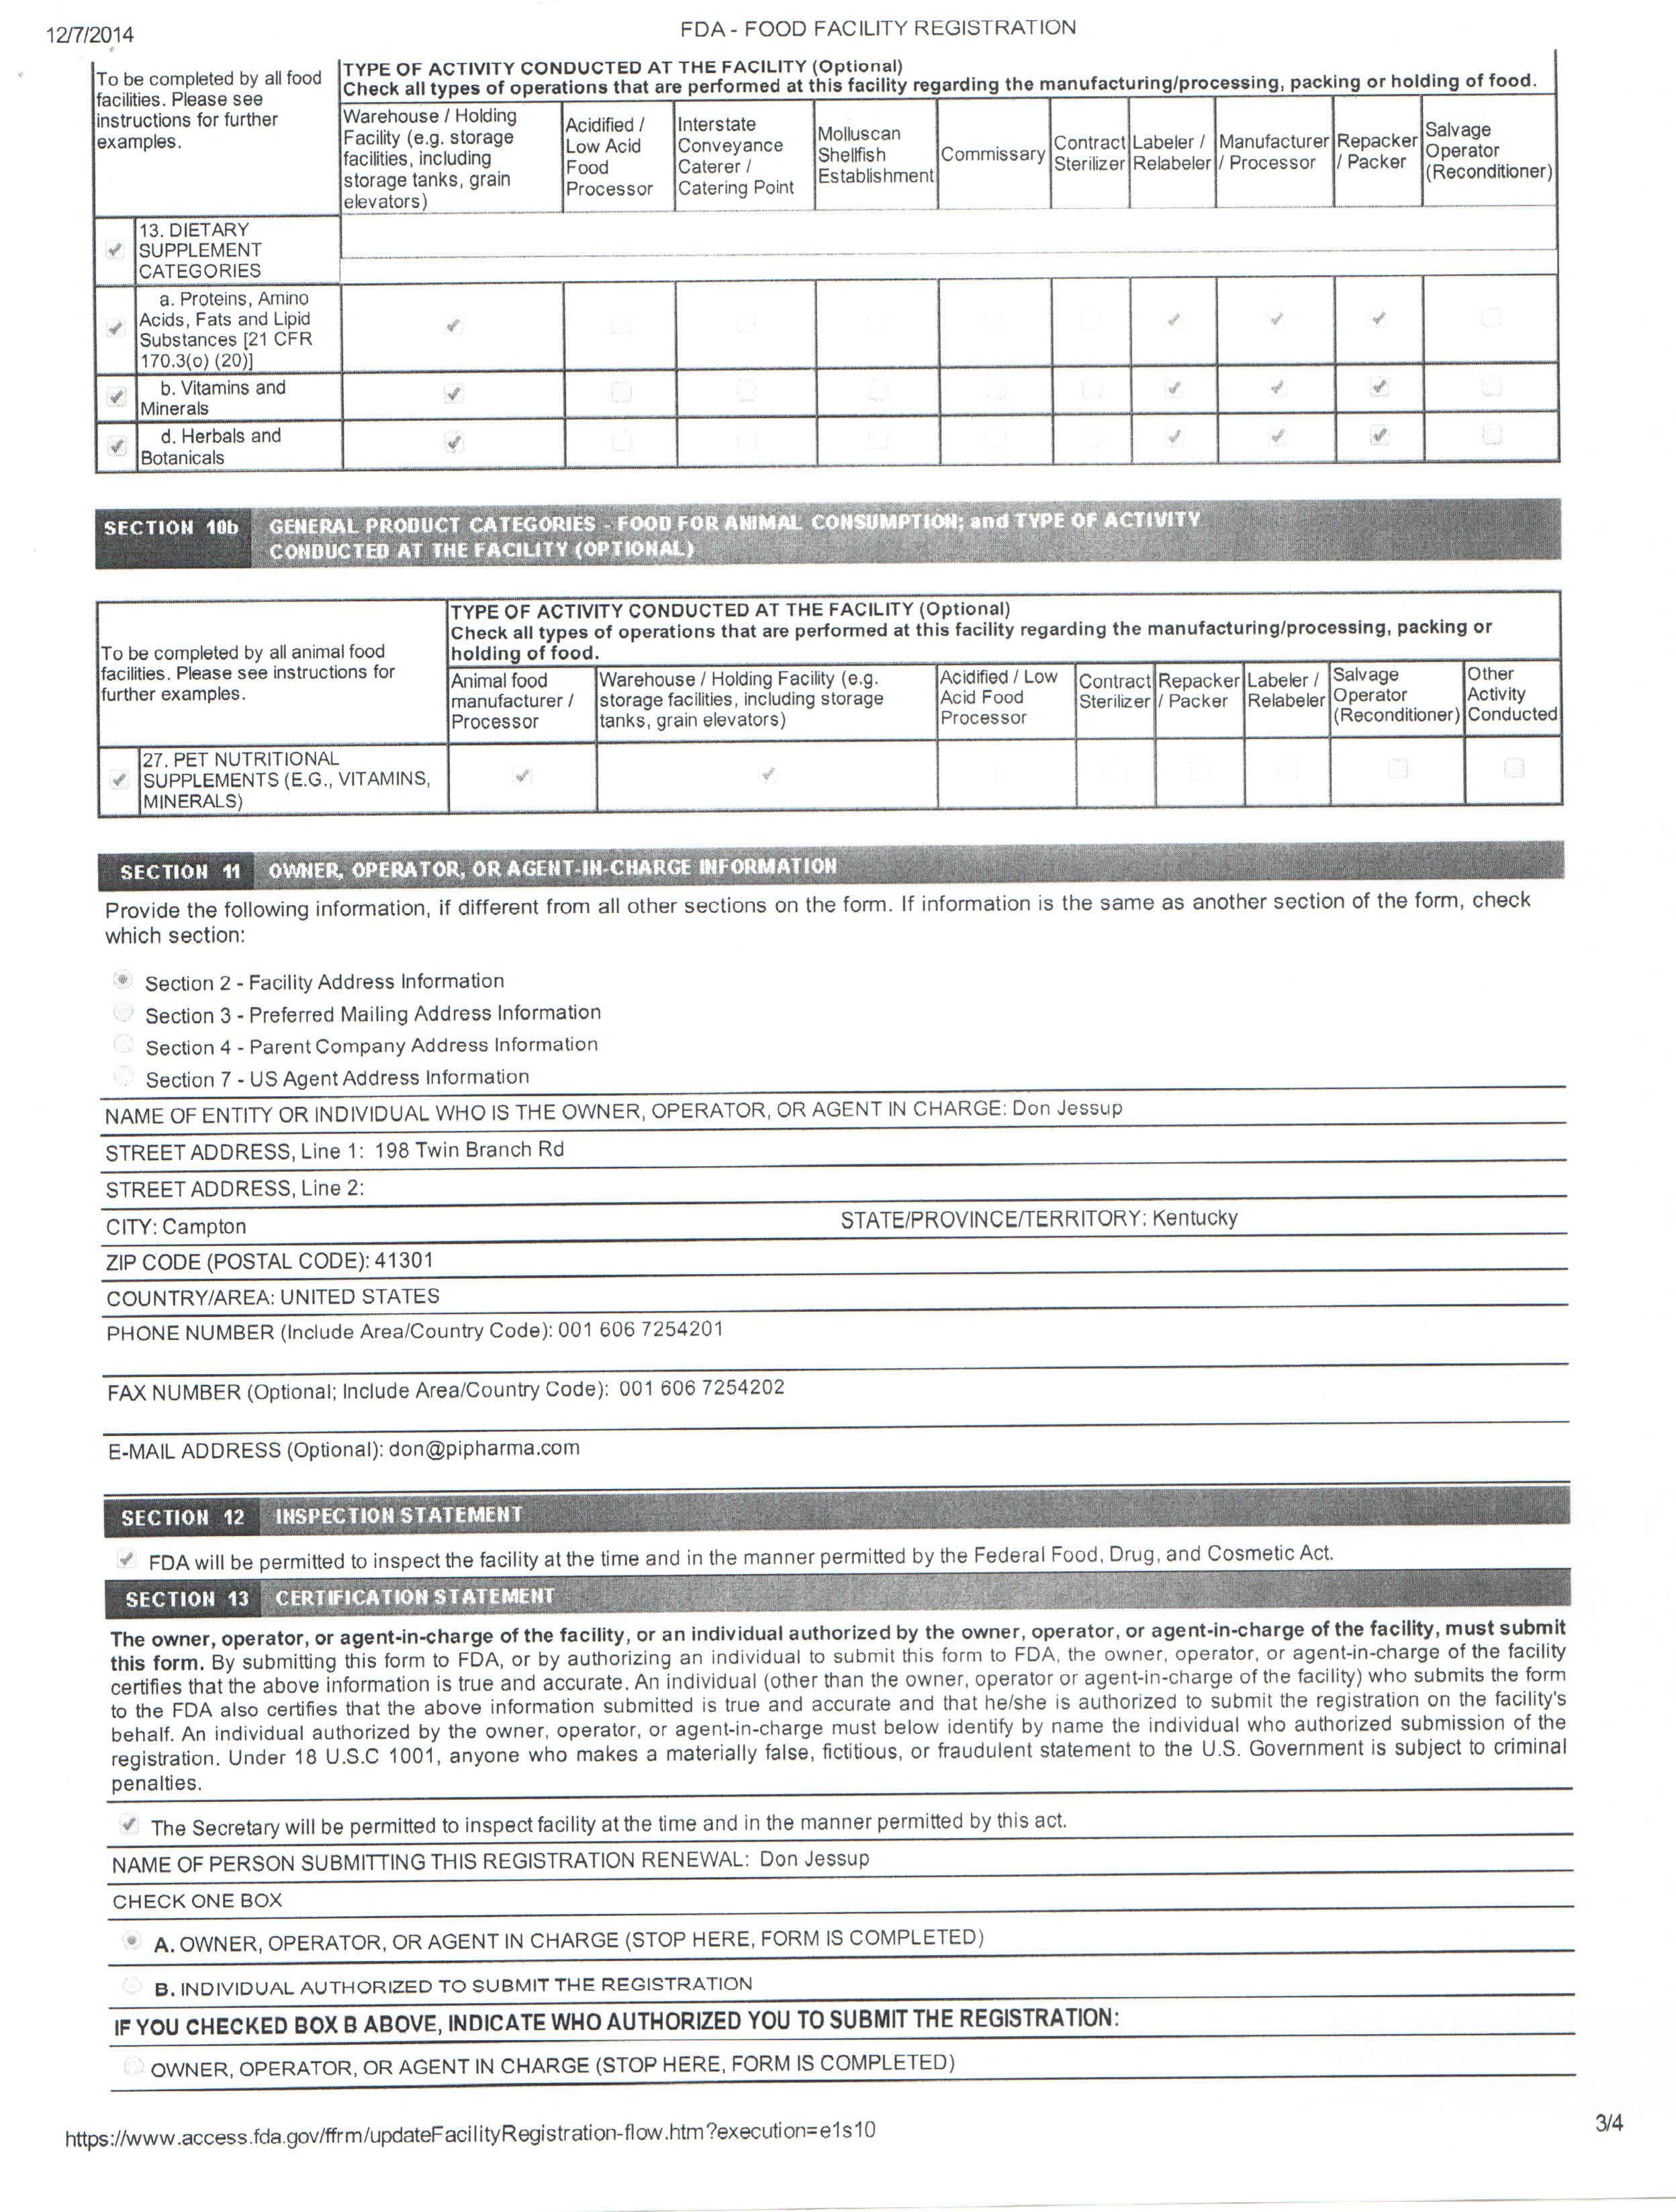 FDA Registration Certification